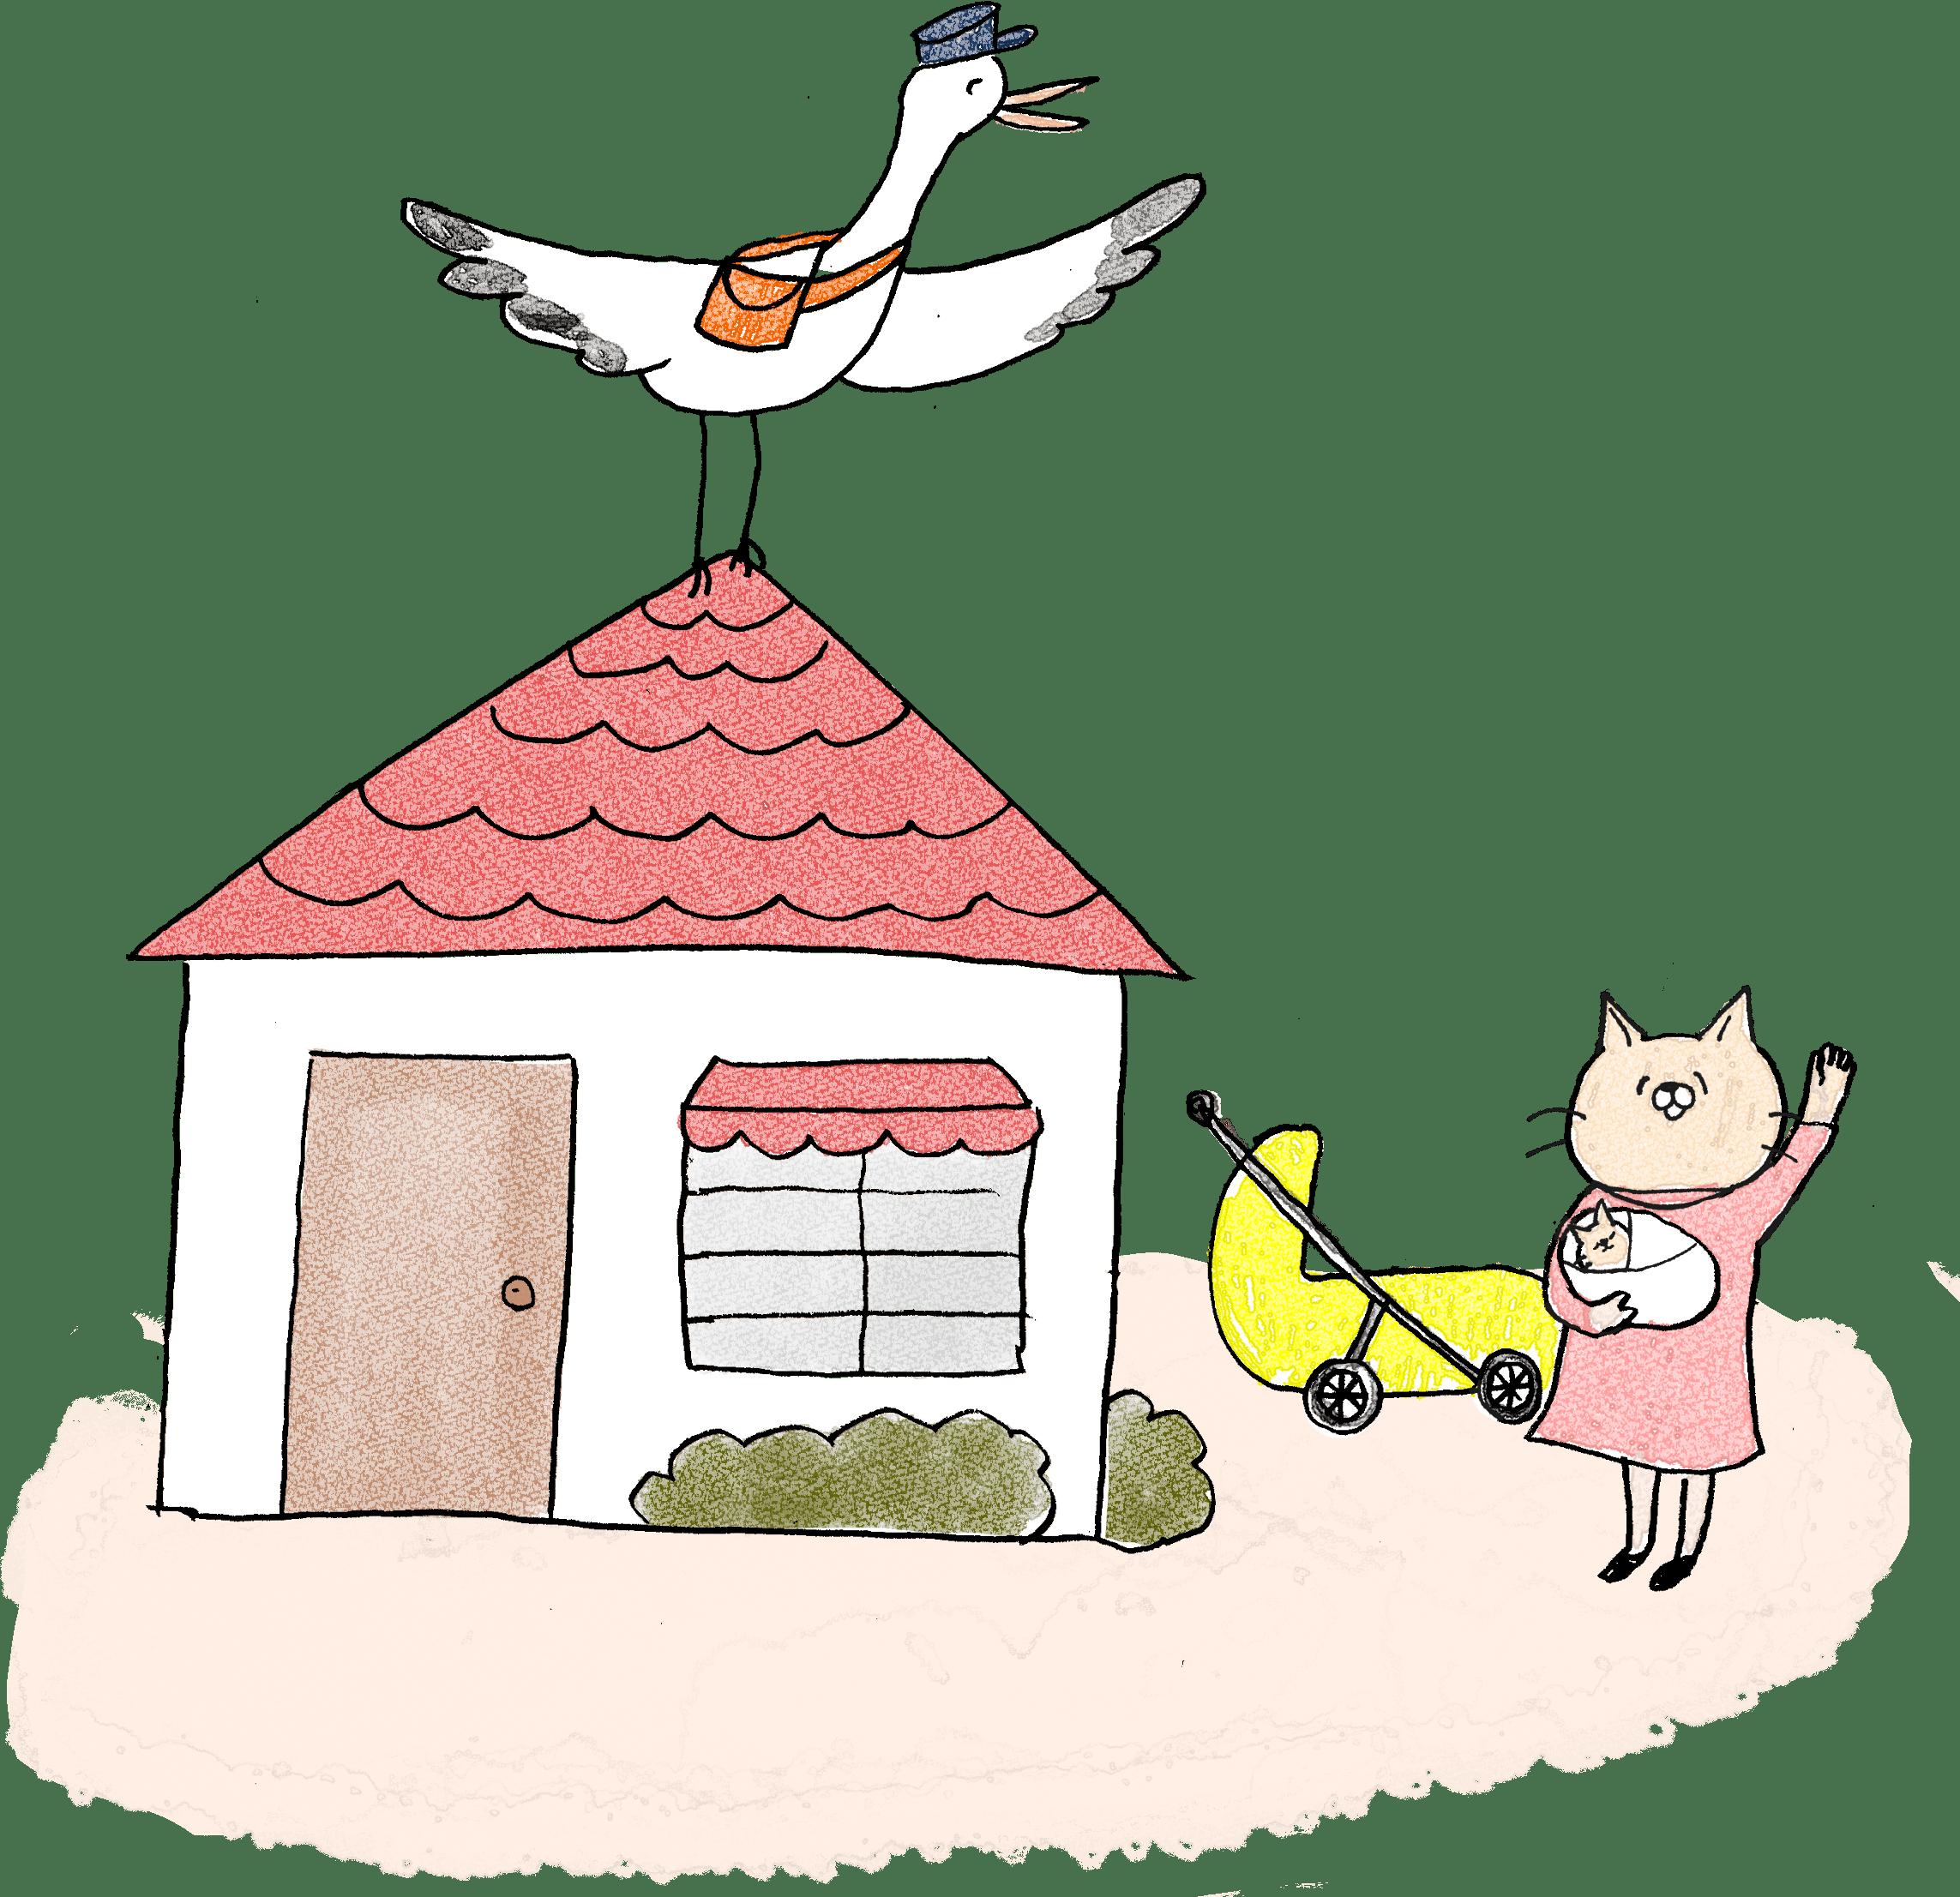 赤ちゃん・出産のフォトブックスタンプ素材:こうのとり・家・出産・赤ちゃん・ベビーカー